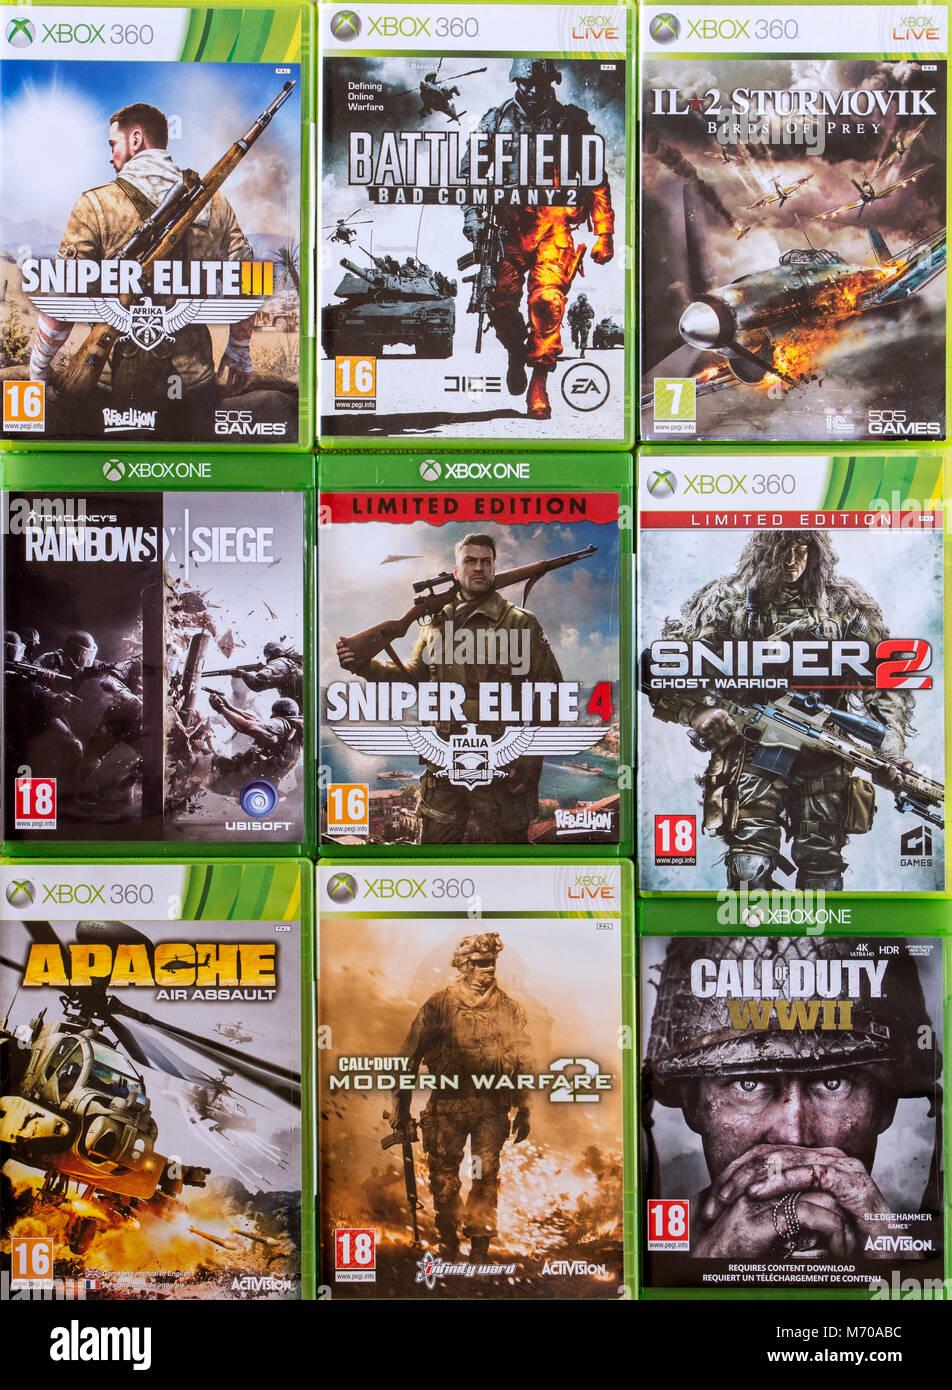 Collection de tir à la première personne violente de jeux vidéo de Xbox 360 et Xbox One Photo Stock